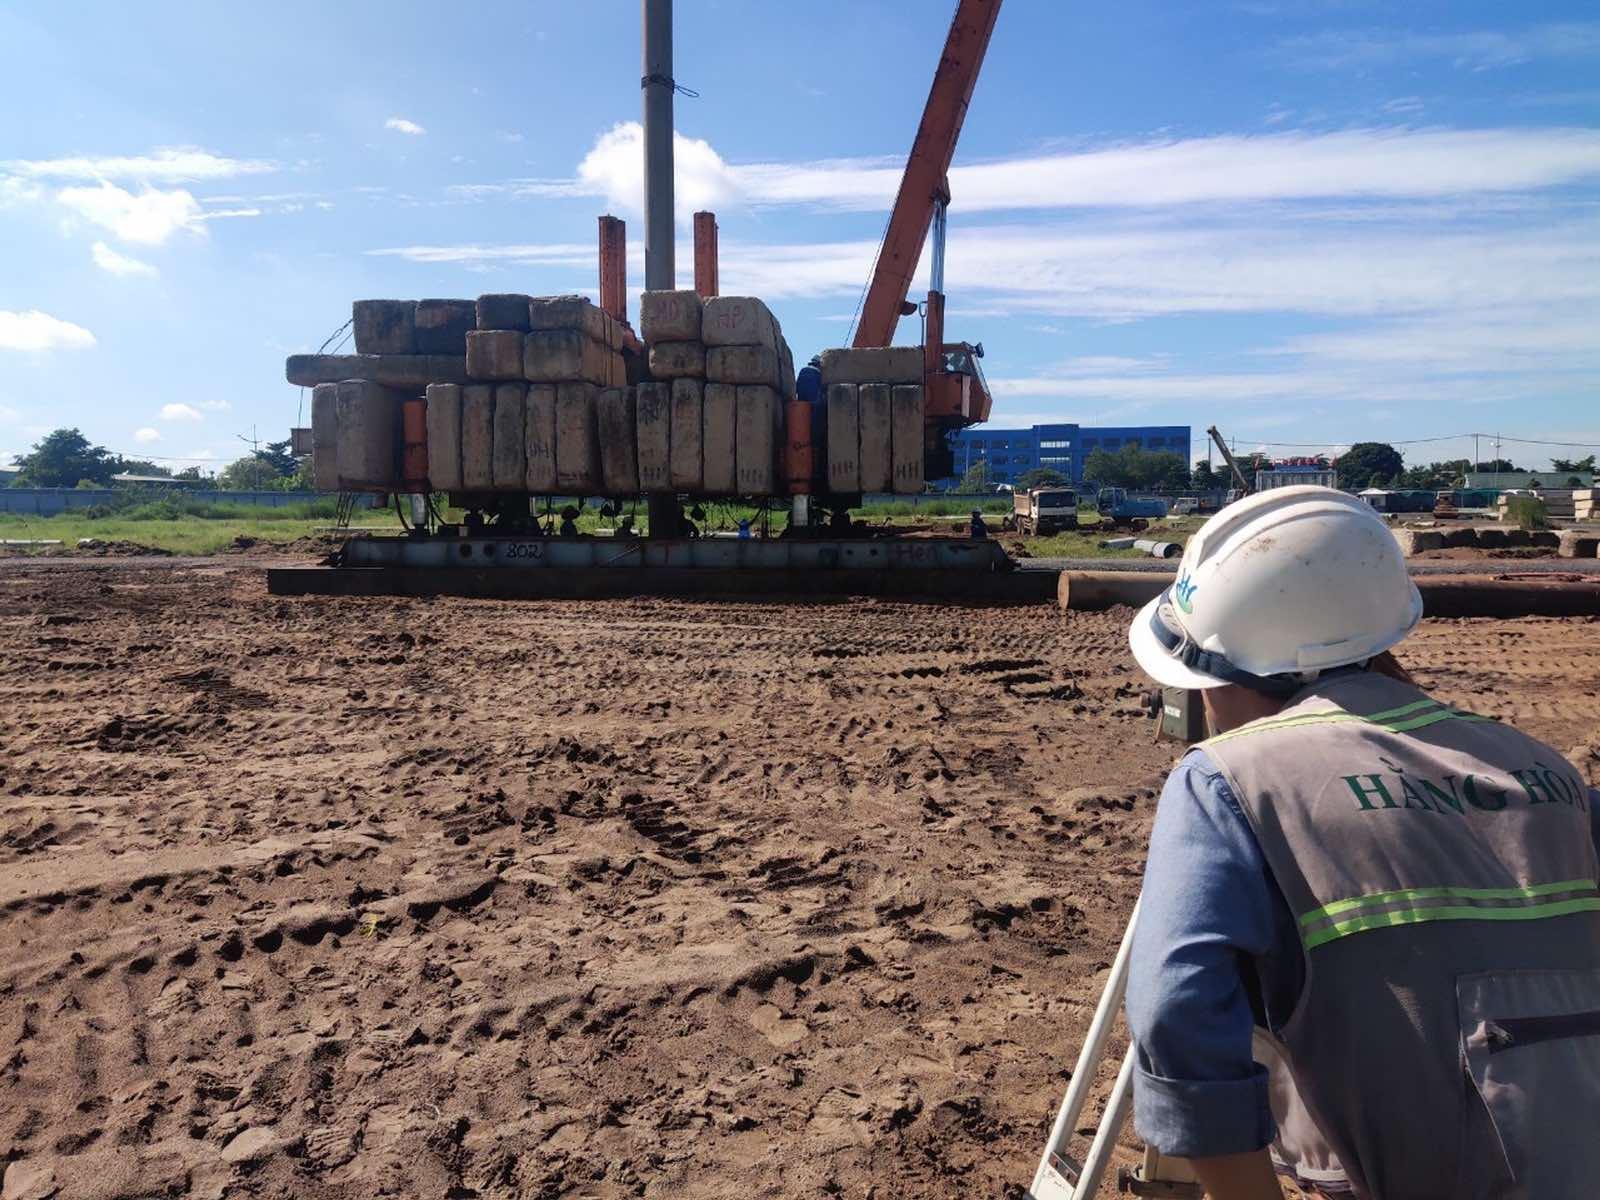 CĐT đang đẩy nhanh thi công phần móng cọc cho toàn dự án